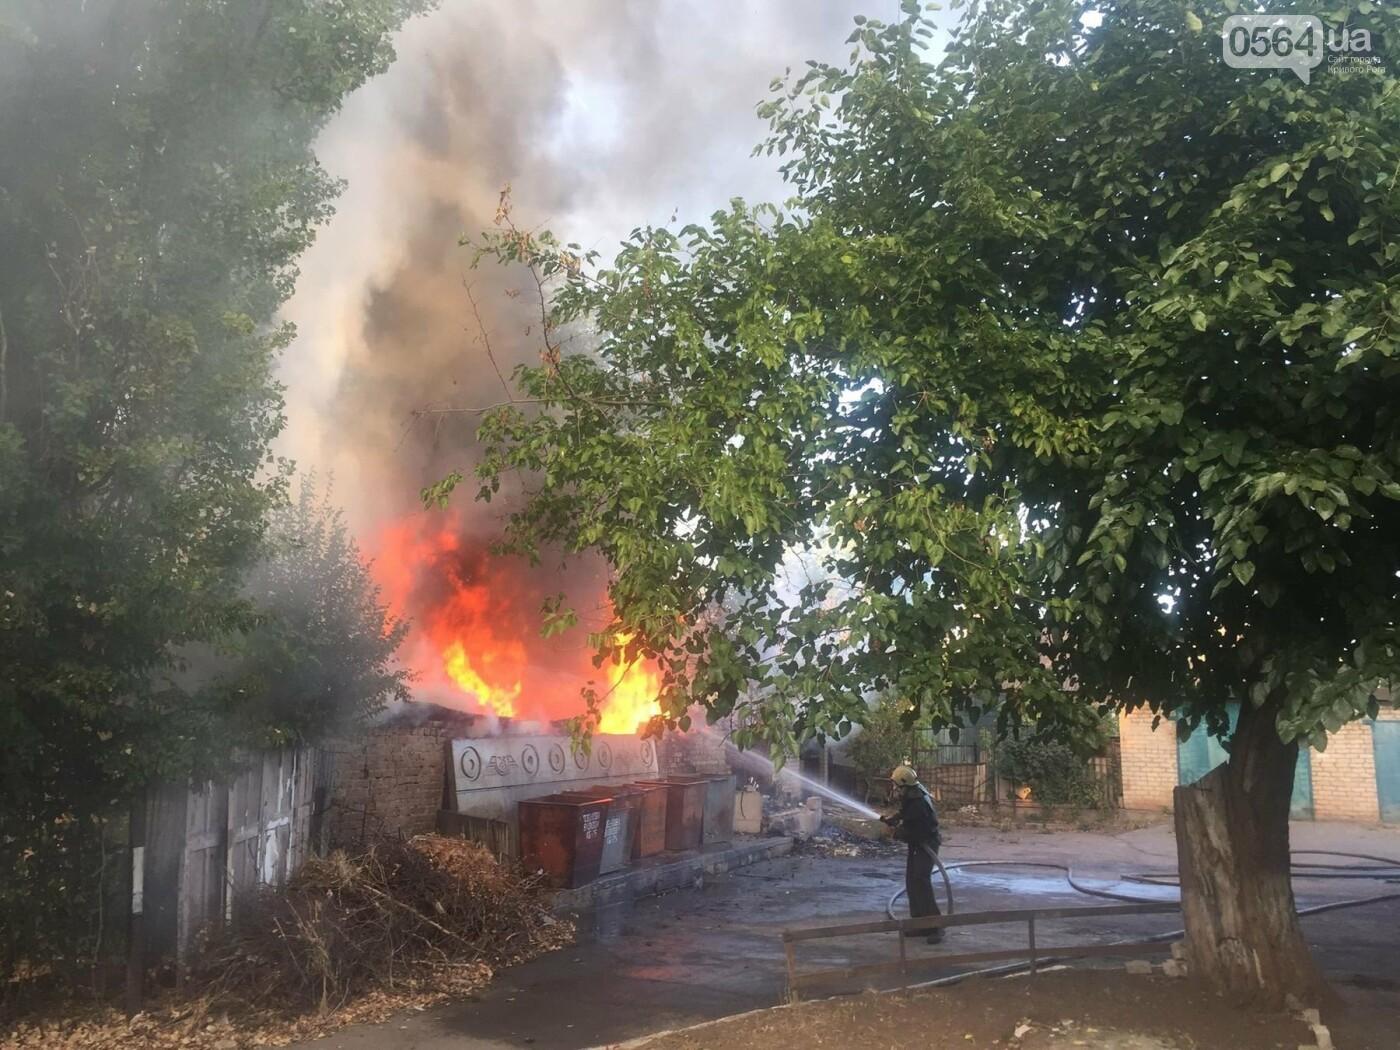 В Кривом Роге масштабный пожар: горели брошенные сараи, - ФОТО, ВИДЕО, фото-2